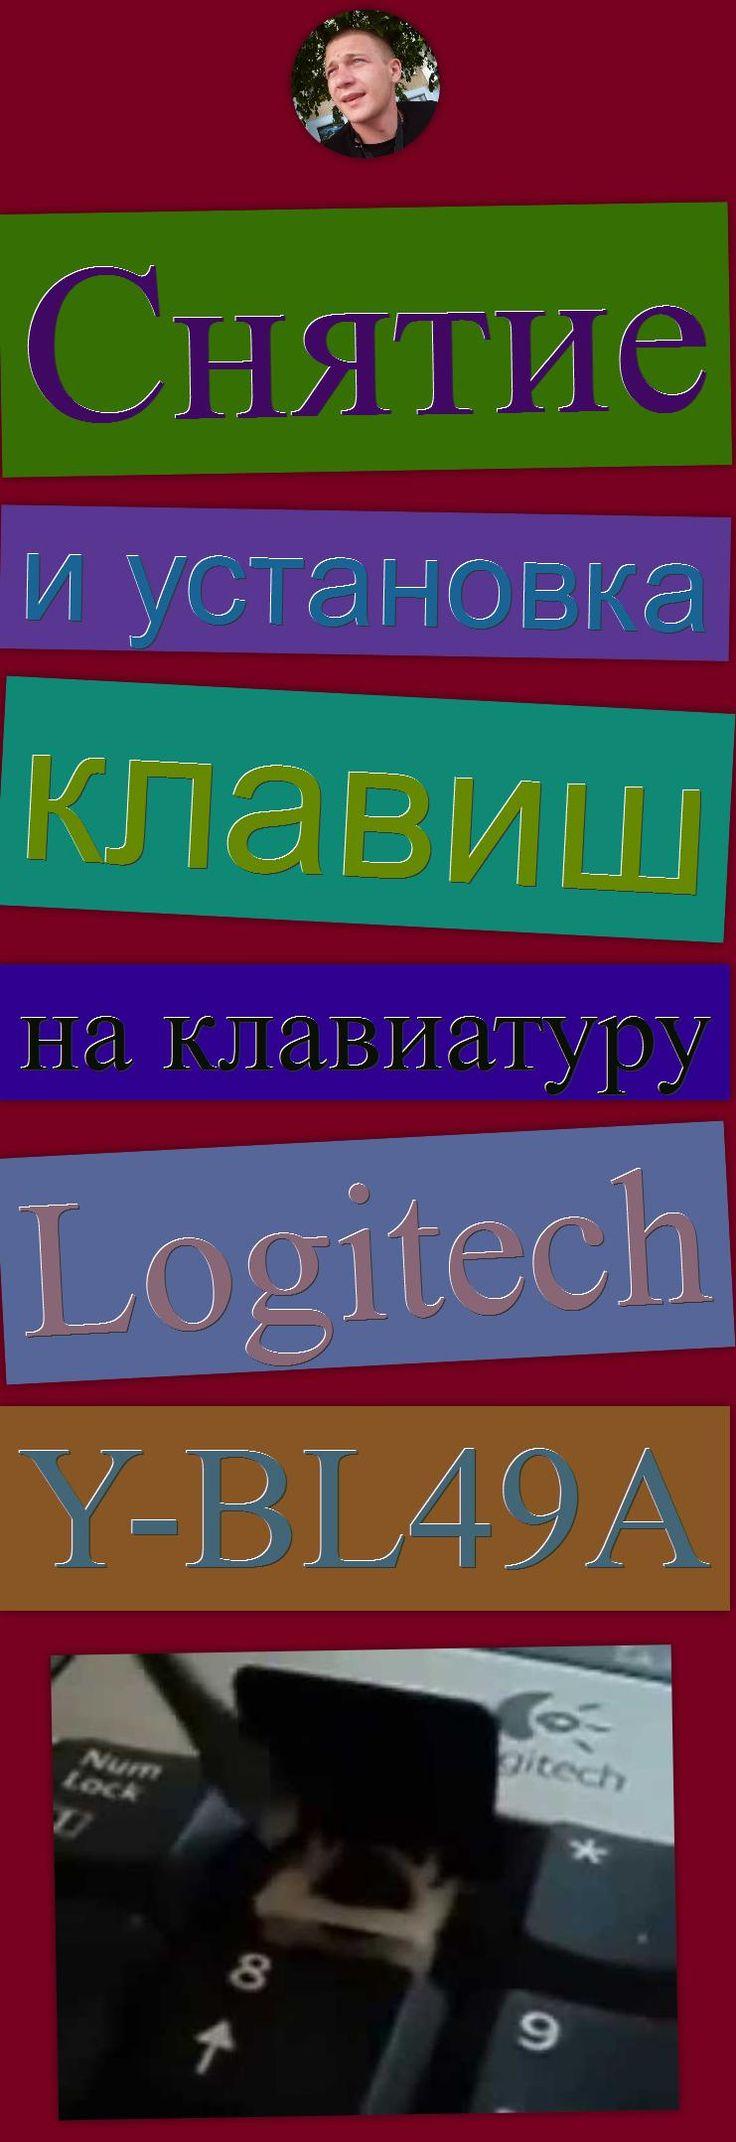 Снятие и установка клавиш на клавиатуру Logitech Y-BL49A Push-button, клавишы, снятие, демонтаж клавиш, установка, Toetsenbord, Logitech, монтаж клавиш, Racing Video Game (Video Game Genre), ультра тонкие клавиши, крепление клавиш